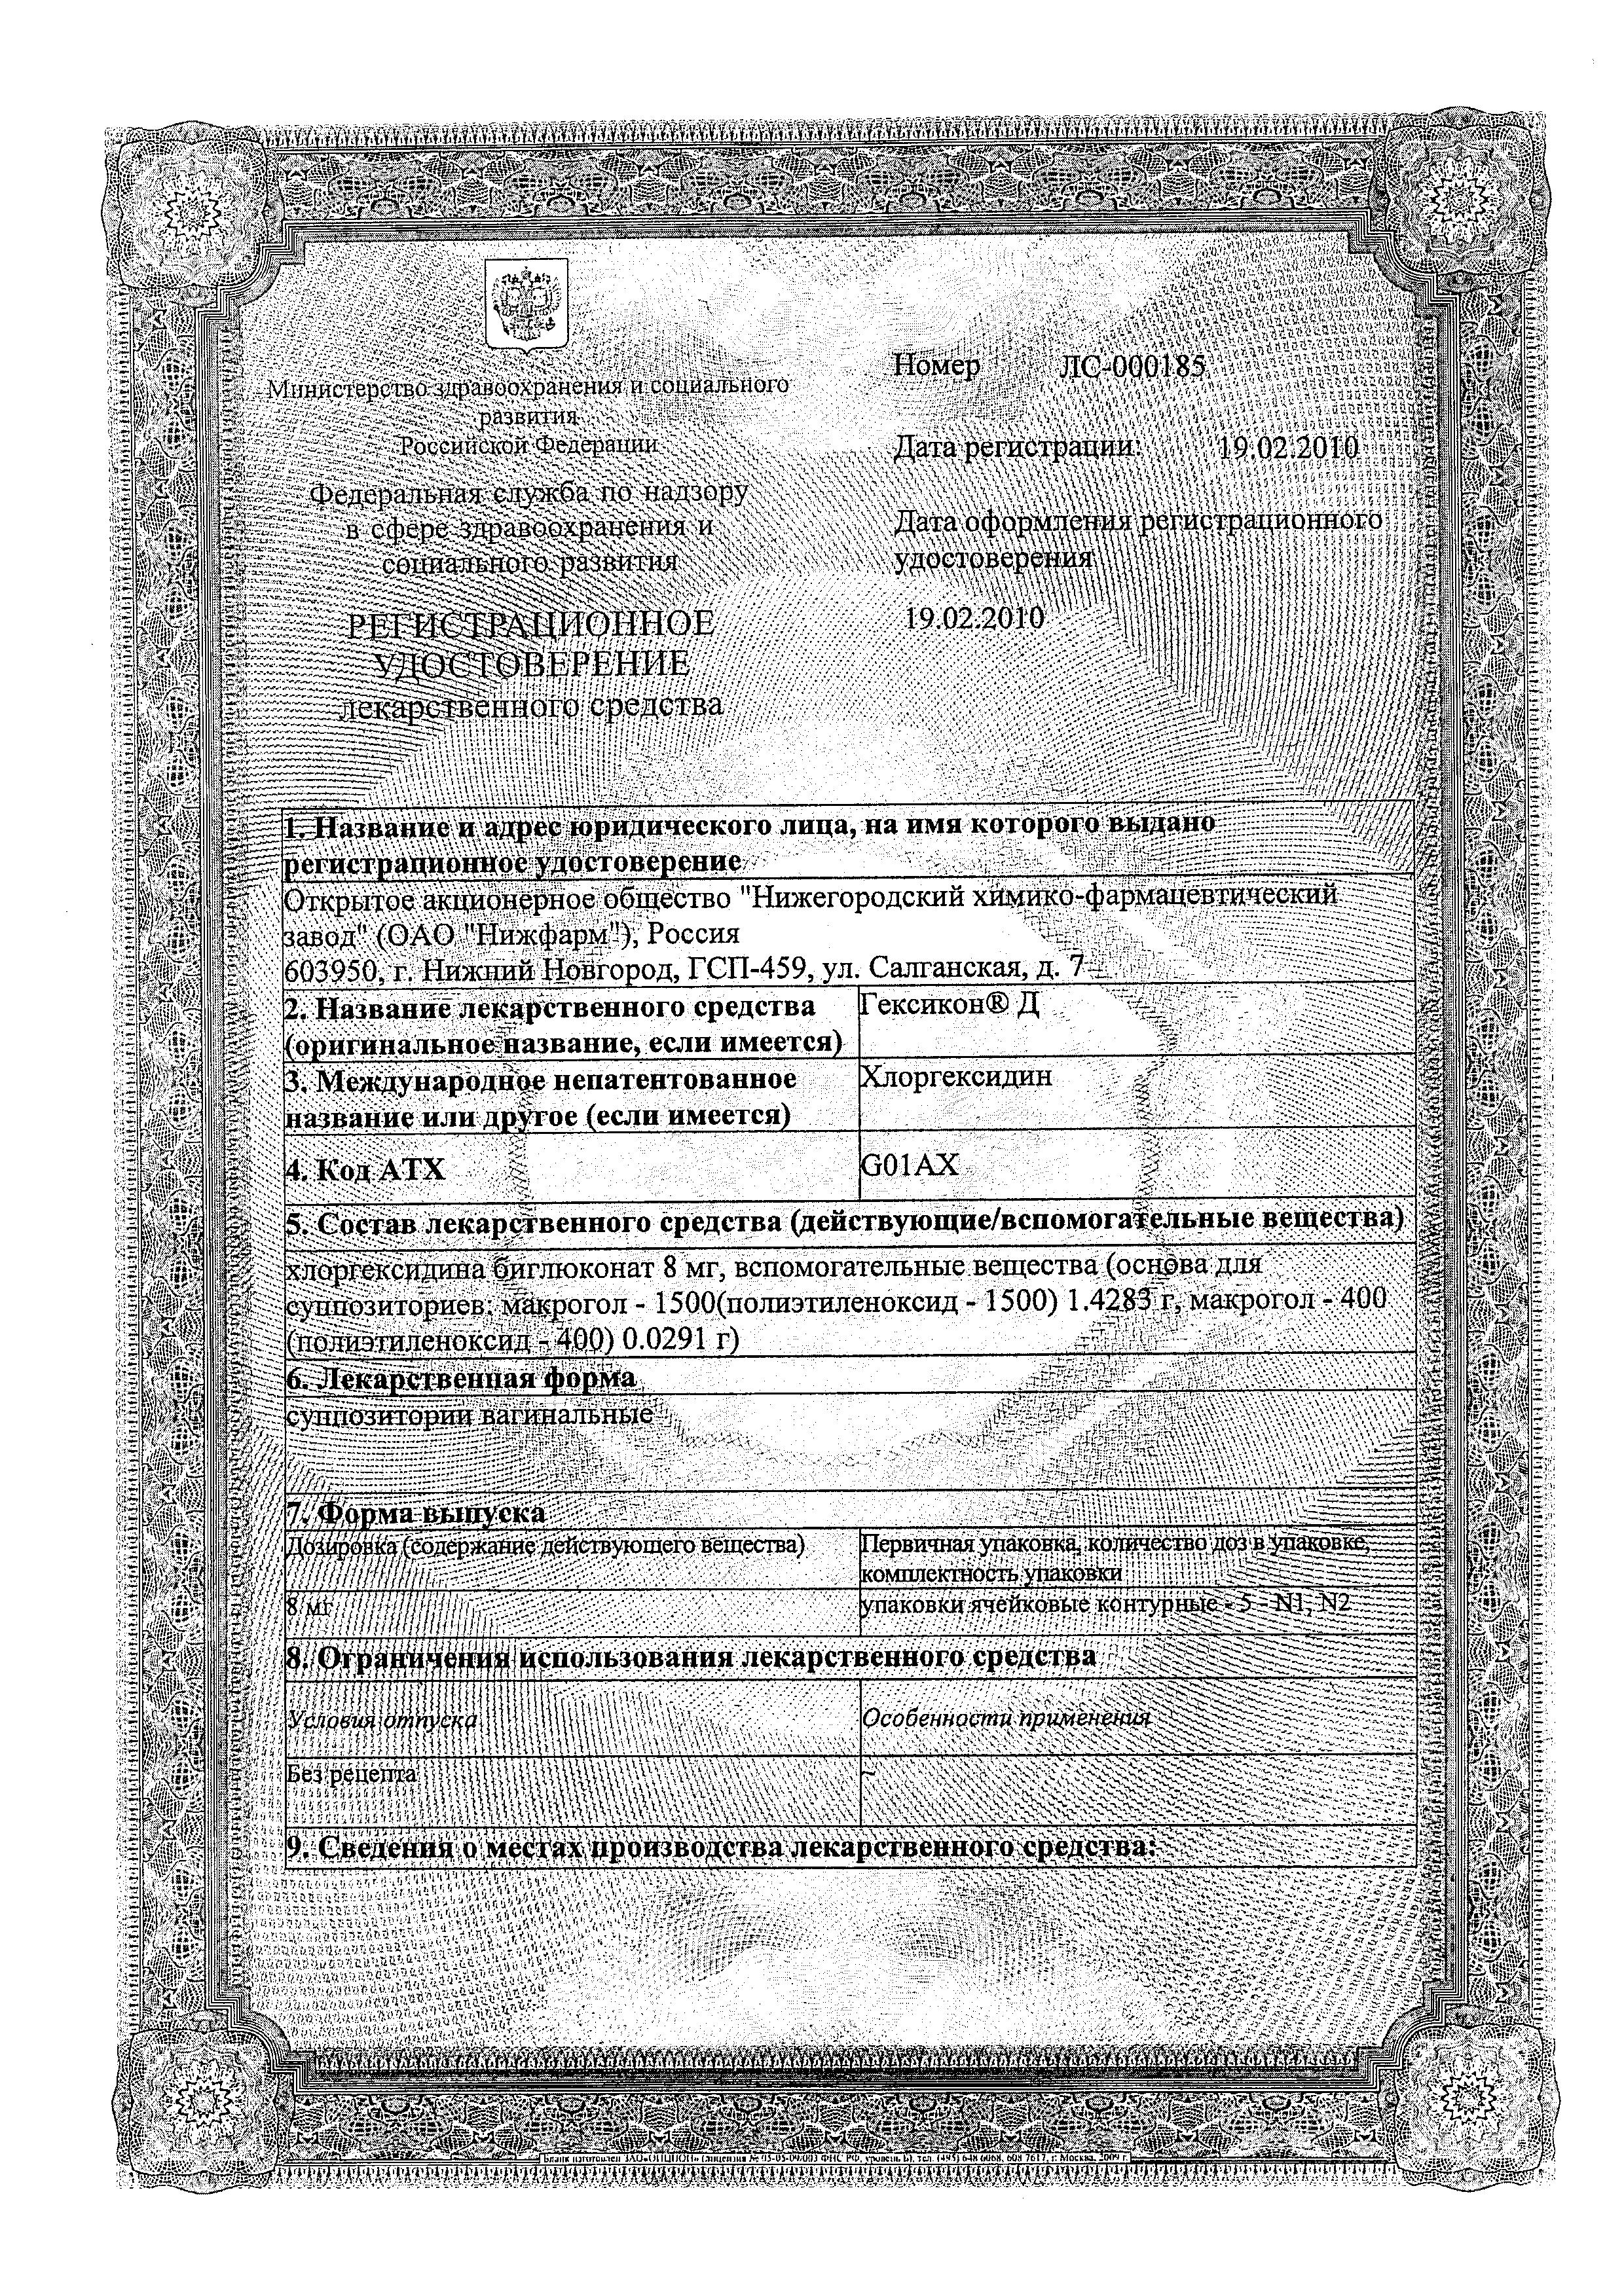 Гексикон Д сертификат